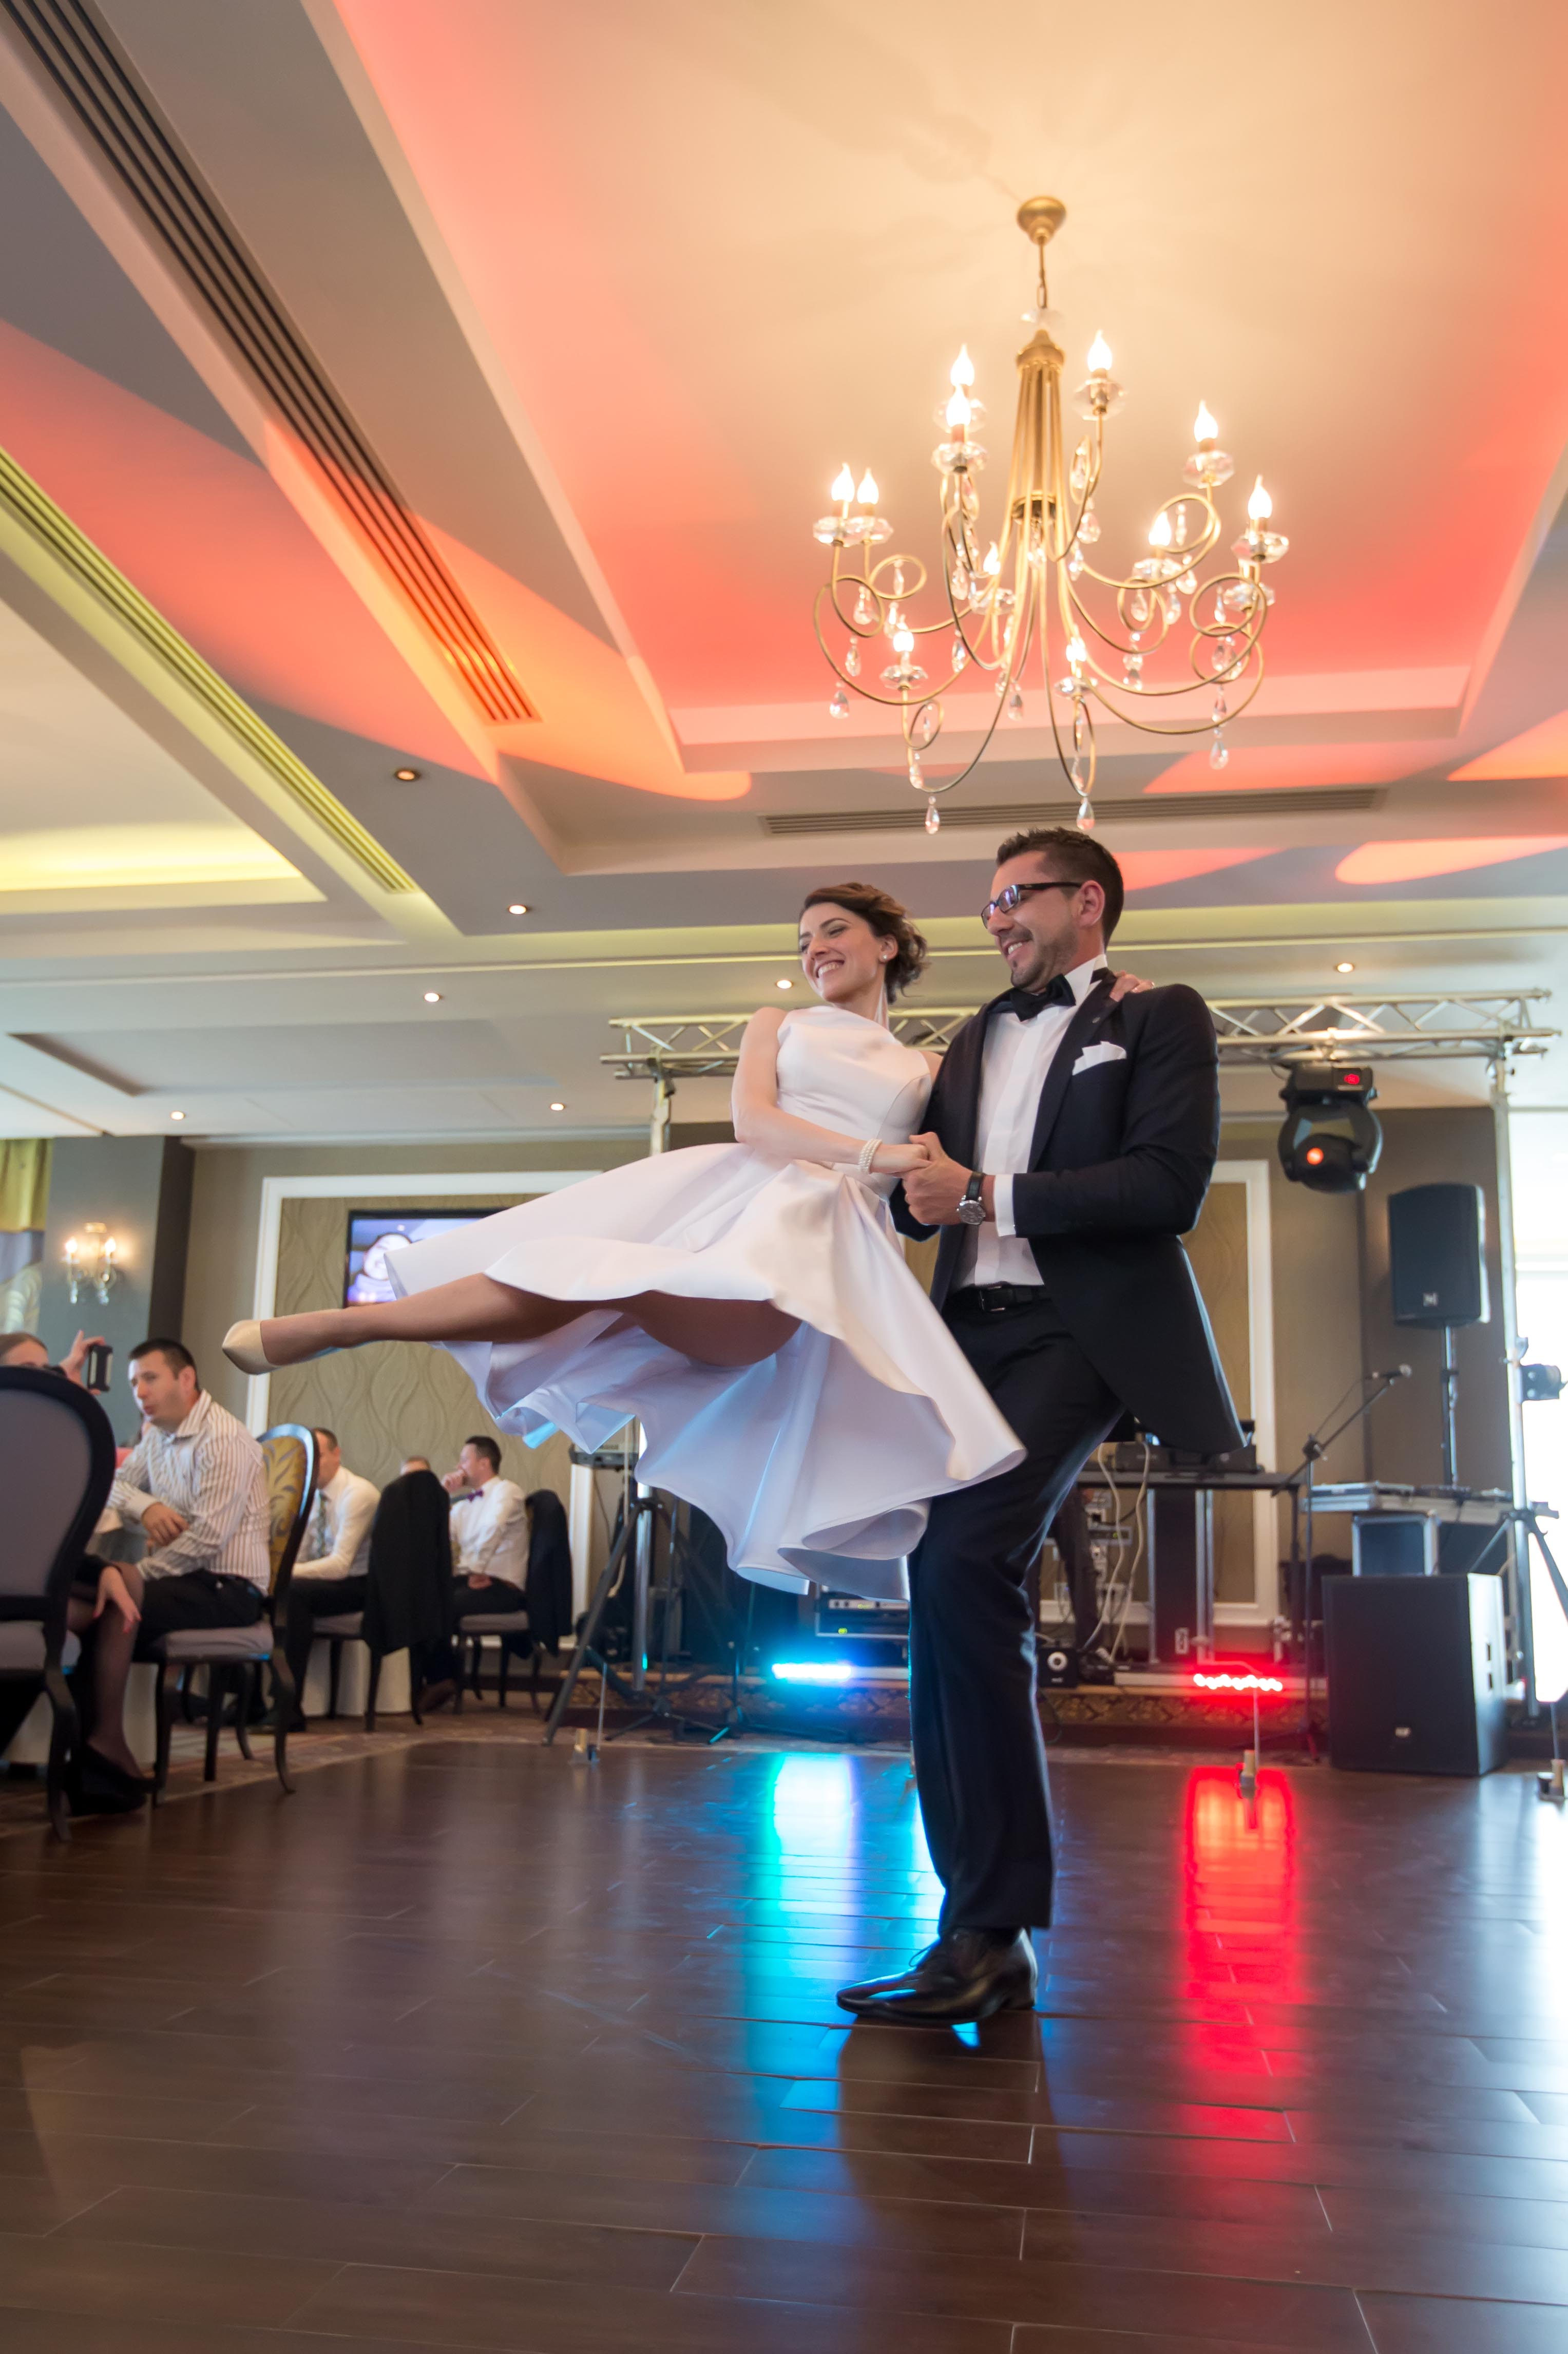 Bailes de Salon y Bailes Latinos Baile de Novios Madrid Baile Nupcial Baile de Boda Juan Brenes y Laura Holt